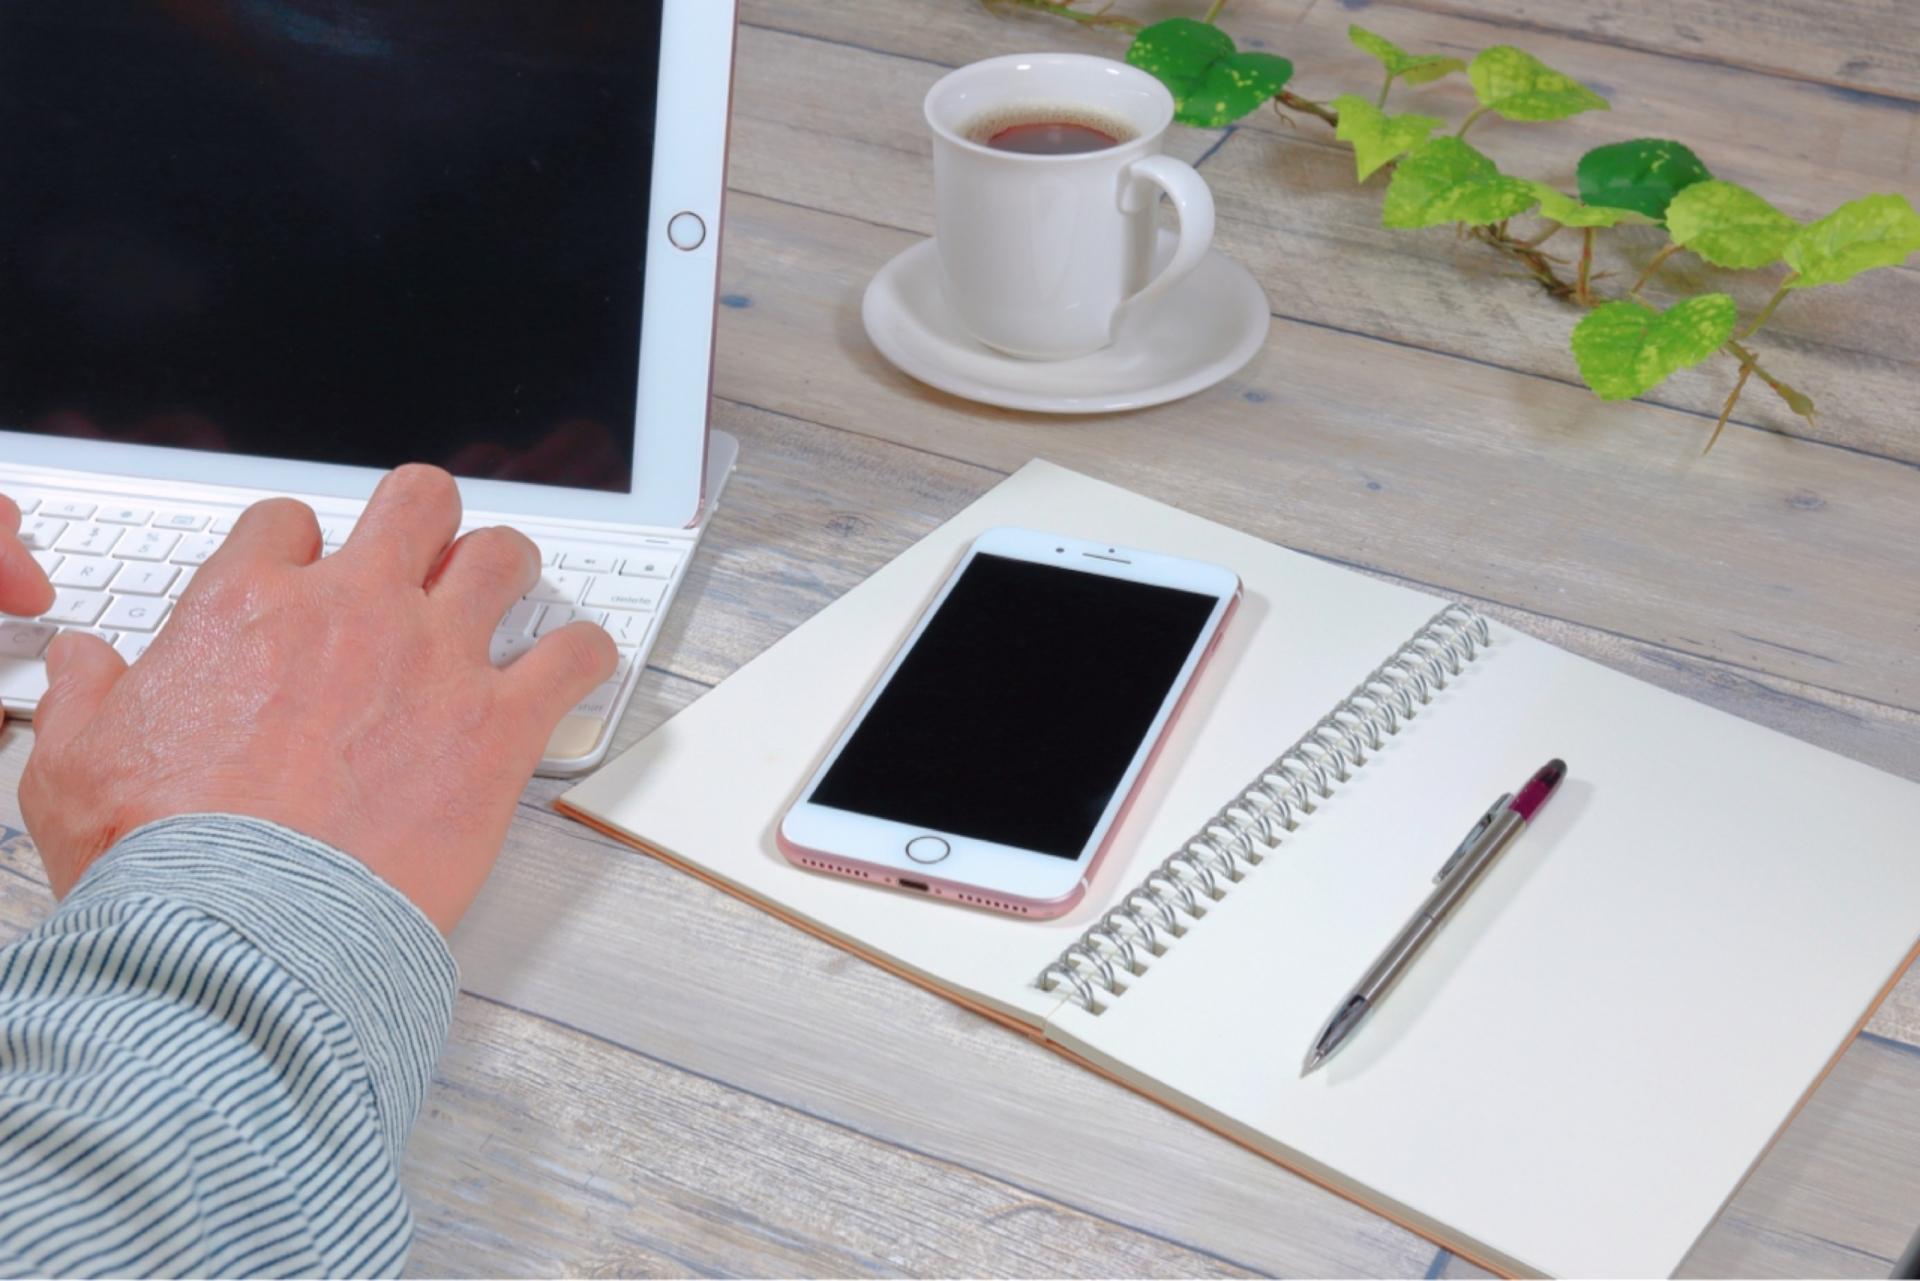 個人事業主向け助成金と申請の流れを紹介。注意点もチェック